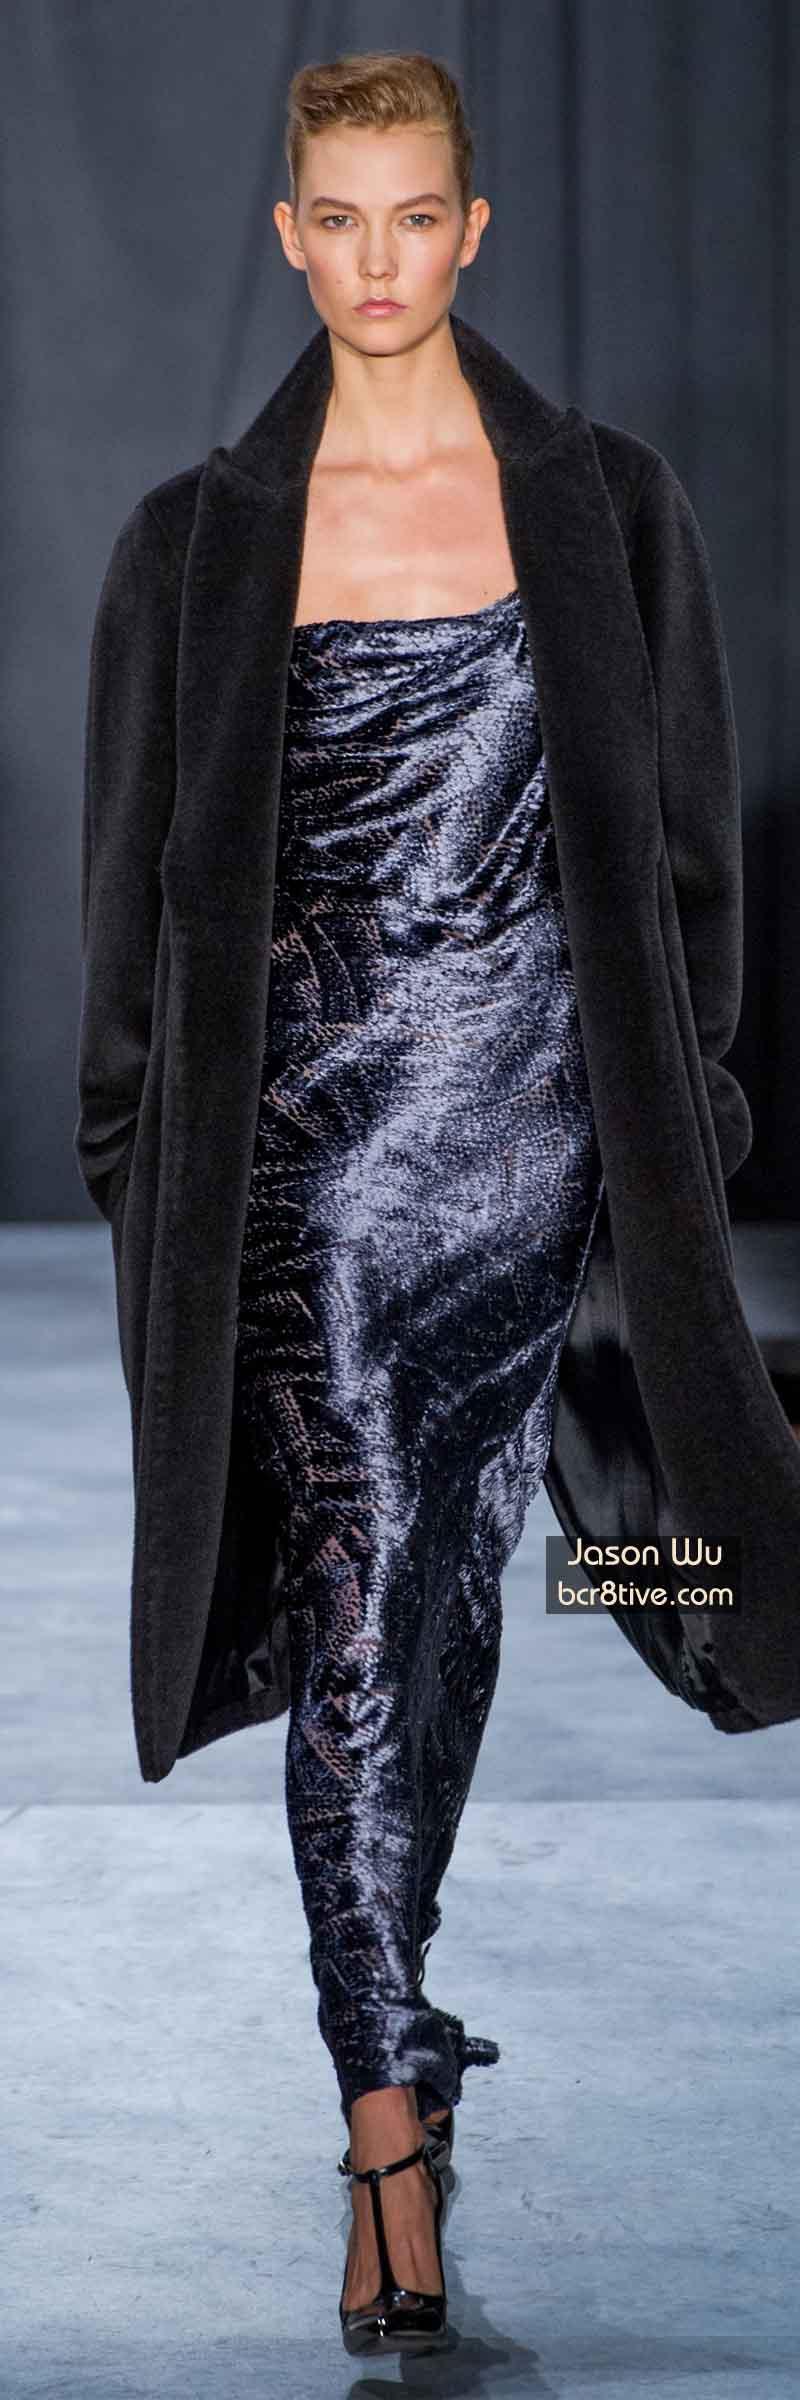 Jason Wu FW 2014 #NYFW